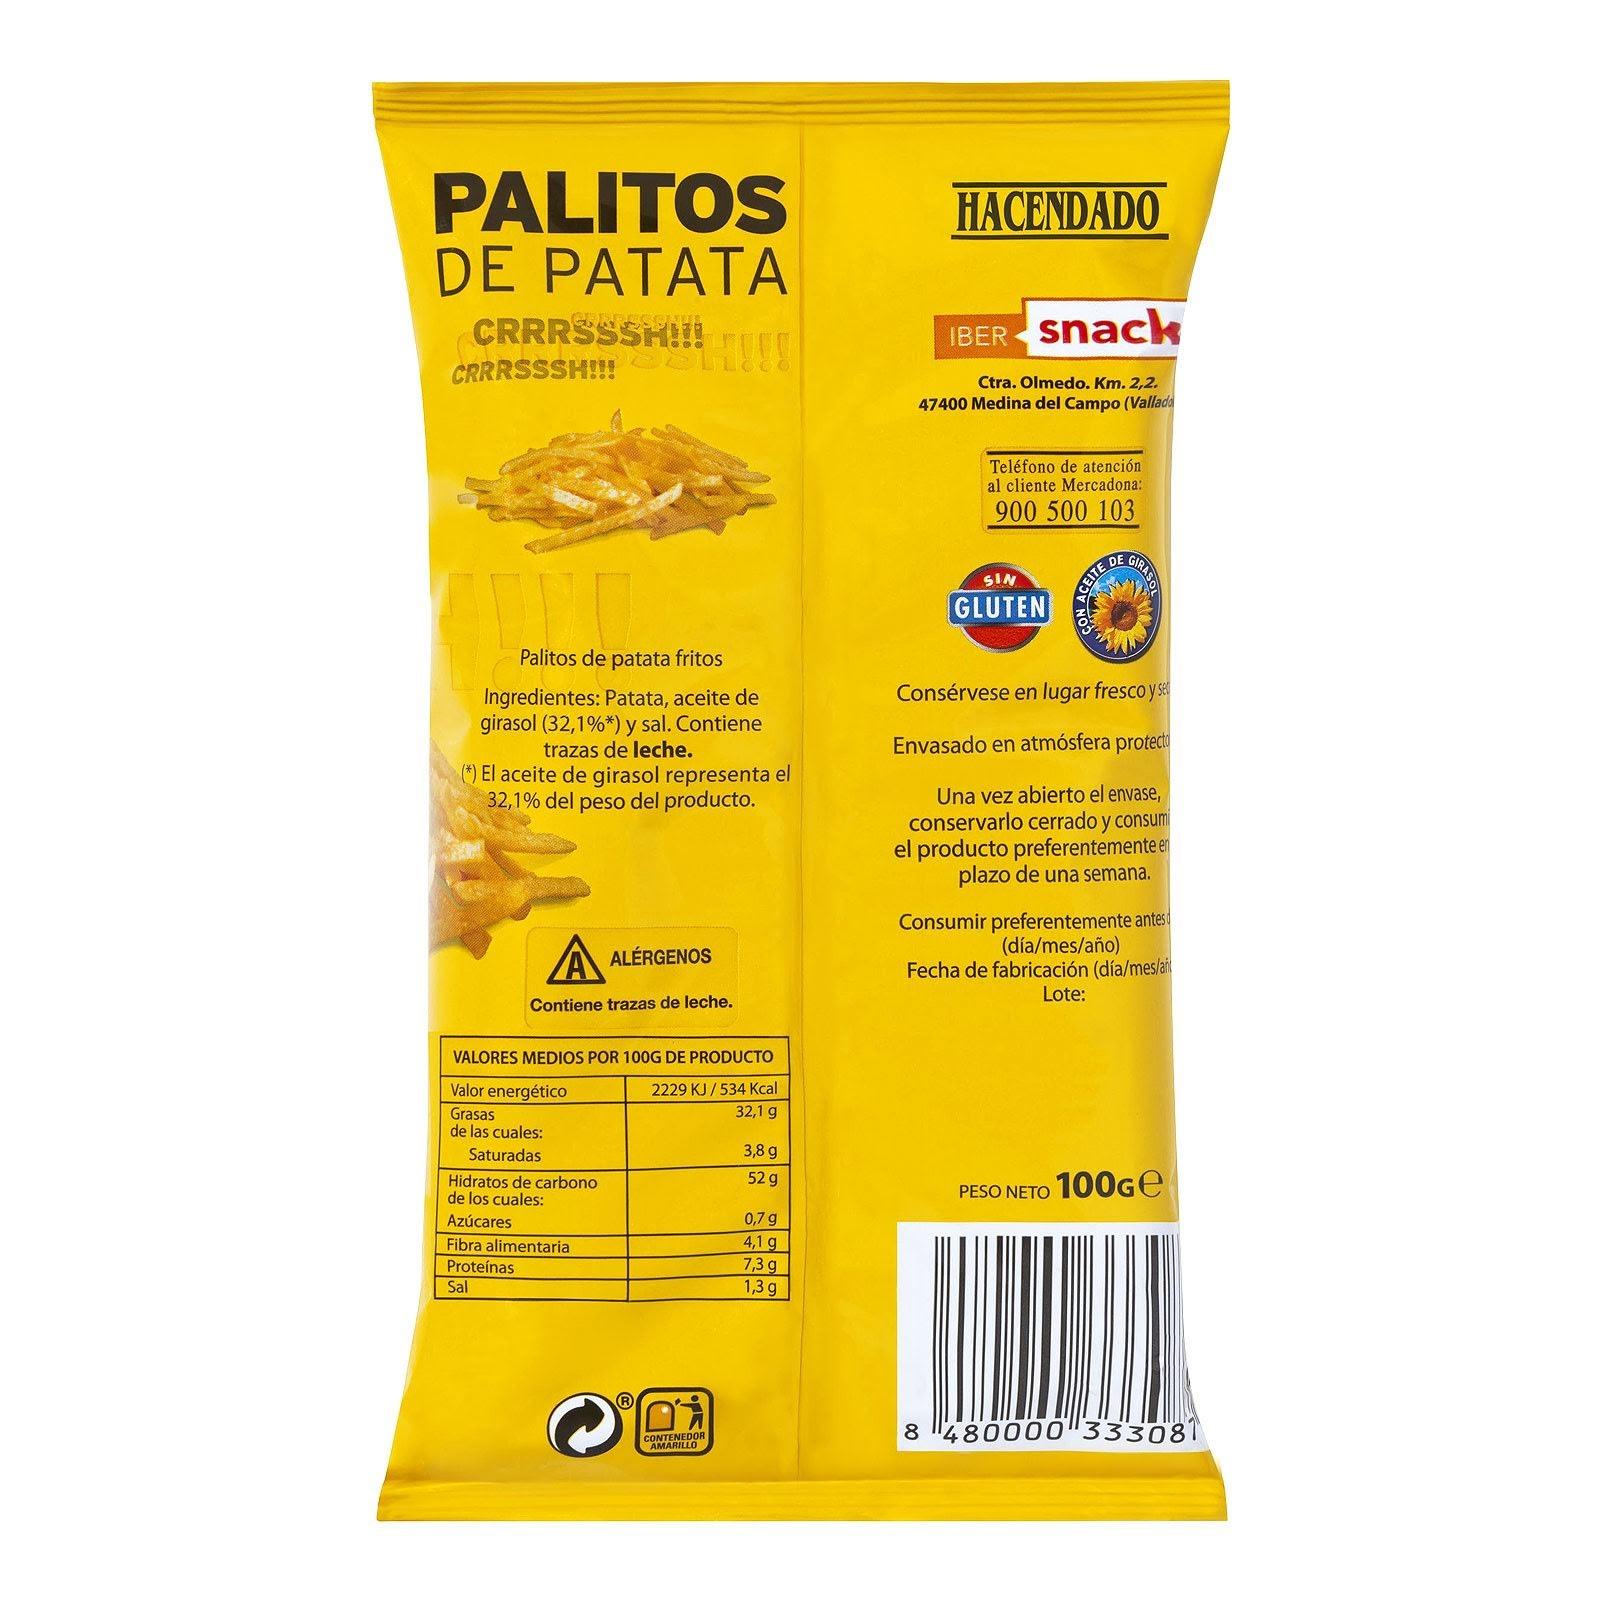 Palitos de patata Hacendado